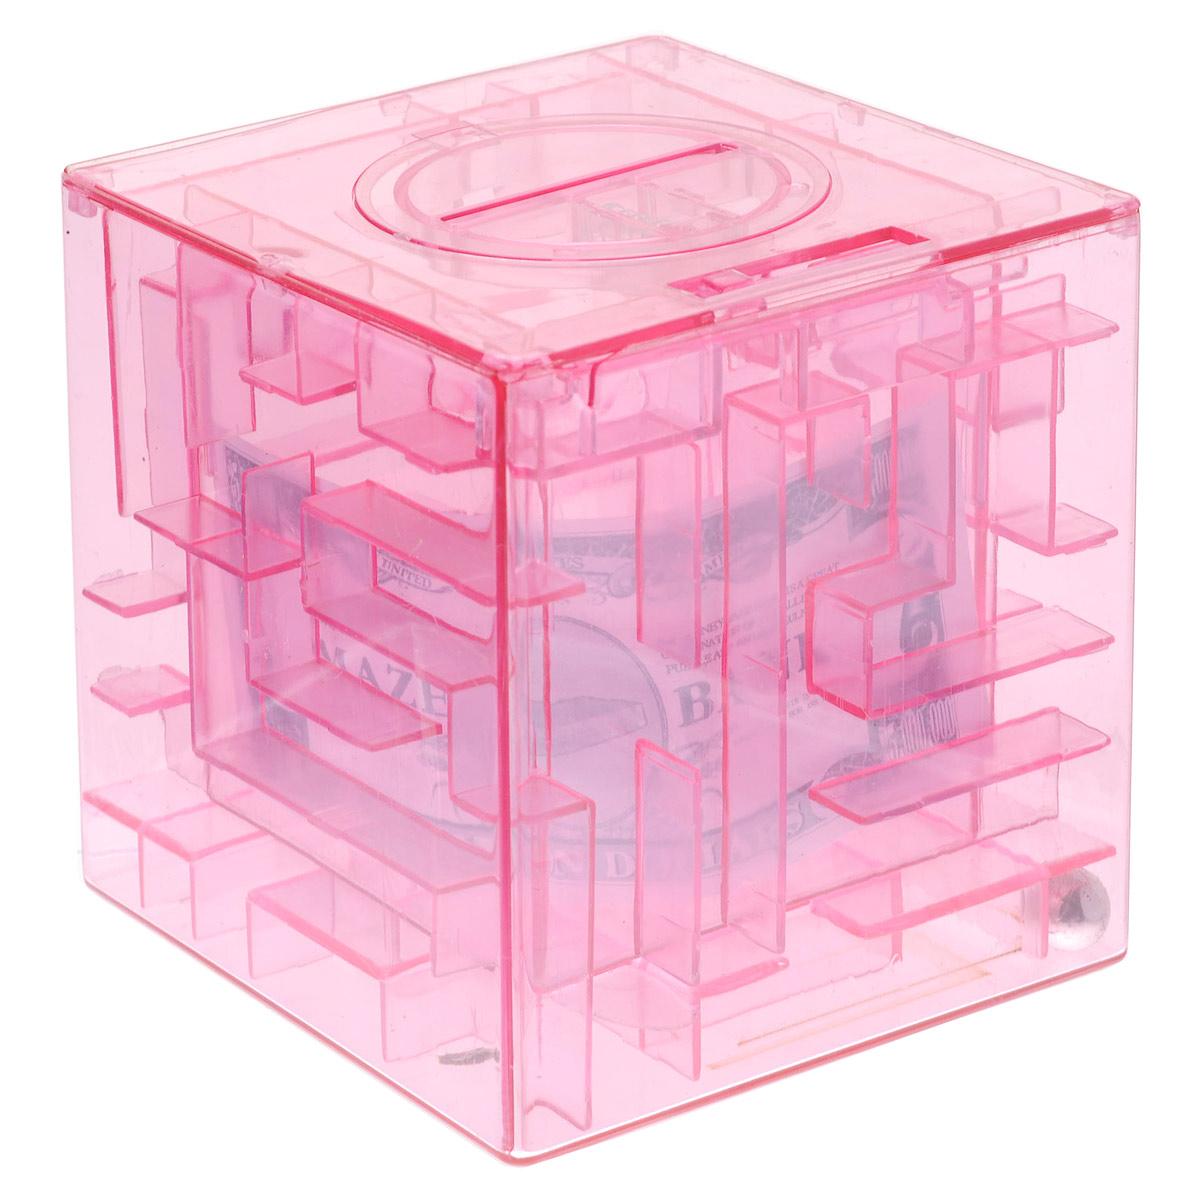 Копилка-головоломка Эврика Лабиринт, цвет: розовыйNN-601-LS-RКопилка Лабиринт - это самая настоящая головоломка. Она изготовлена из высококачественного пластика. Чтобы достать накопленные денежки, необходимо провести шарик по запутанному пути. Копилка Лабиринт - оригинальный способ преподнести подарок. Положите купюру в копилку, и смело вручайте имениннику. Вашему другу придется потрудиться, чтобы достать подаренную купюру. Копилка имеет отверстие, чтобы класть в нее деньги. Размер копилки: 9 см х 9 см х 9 см.